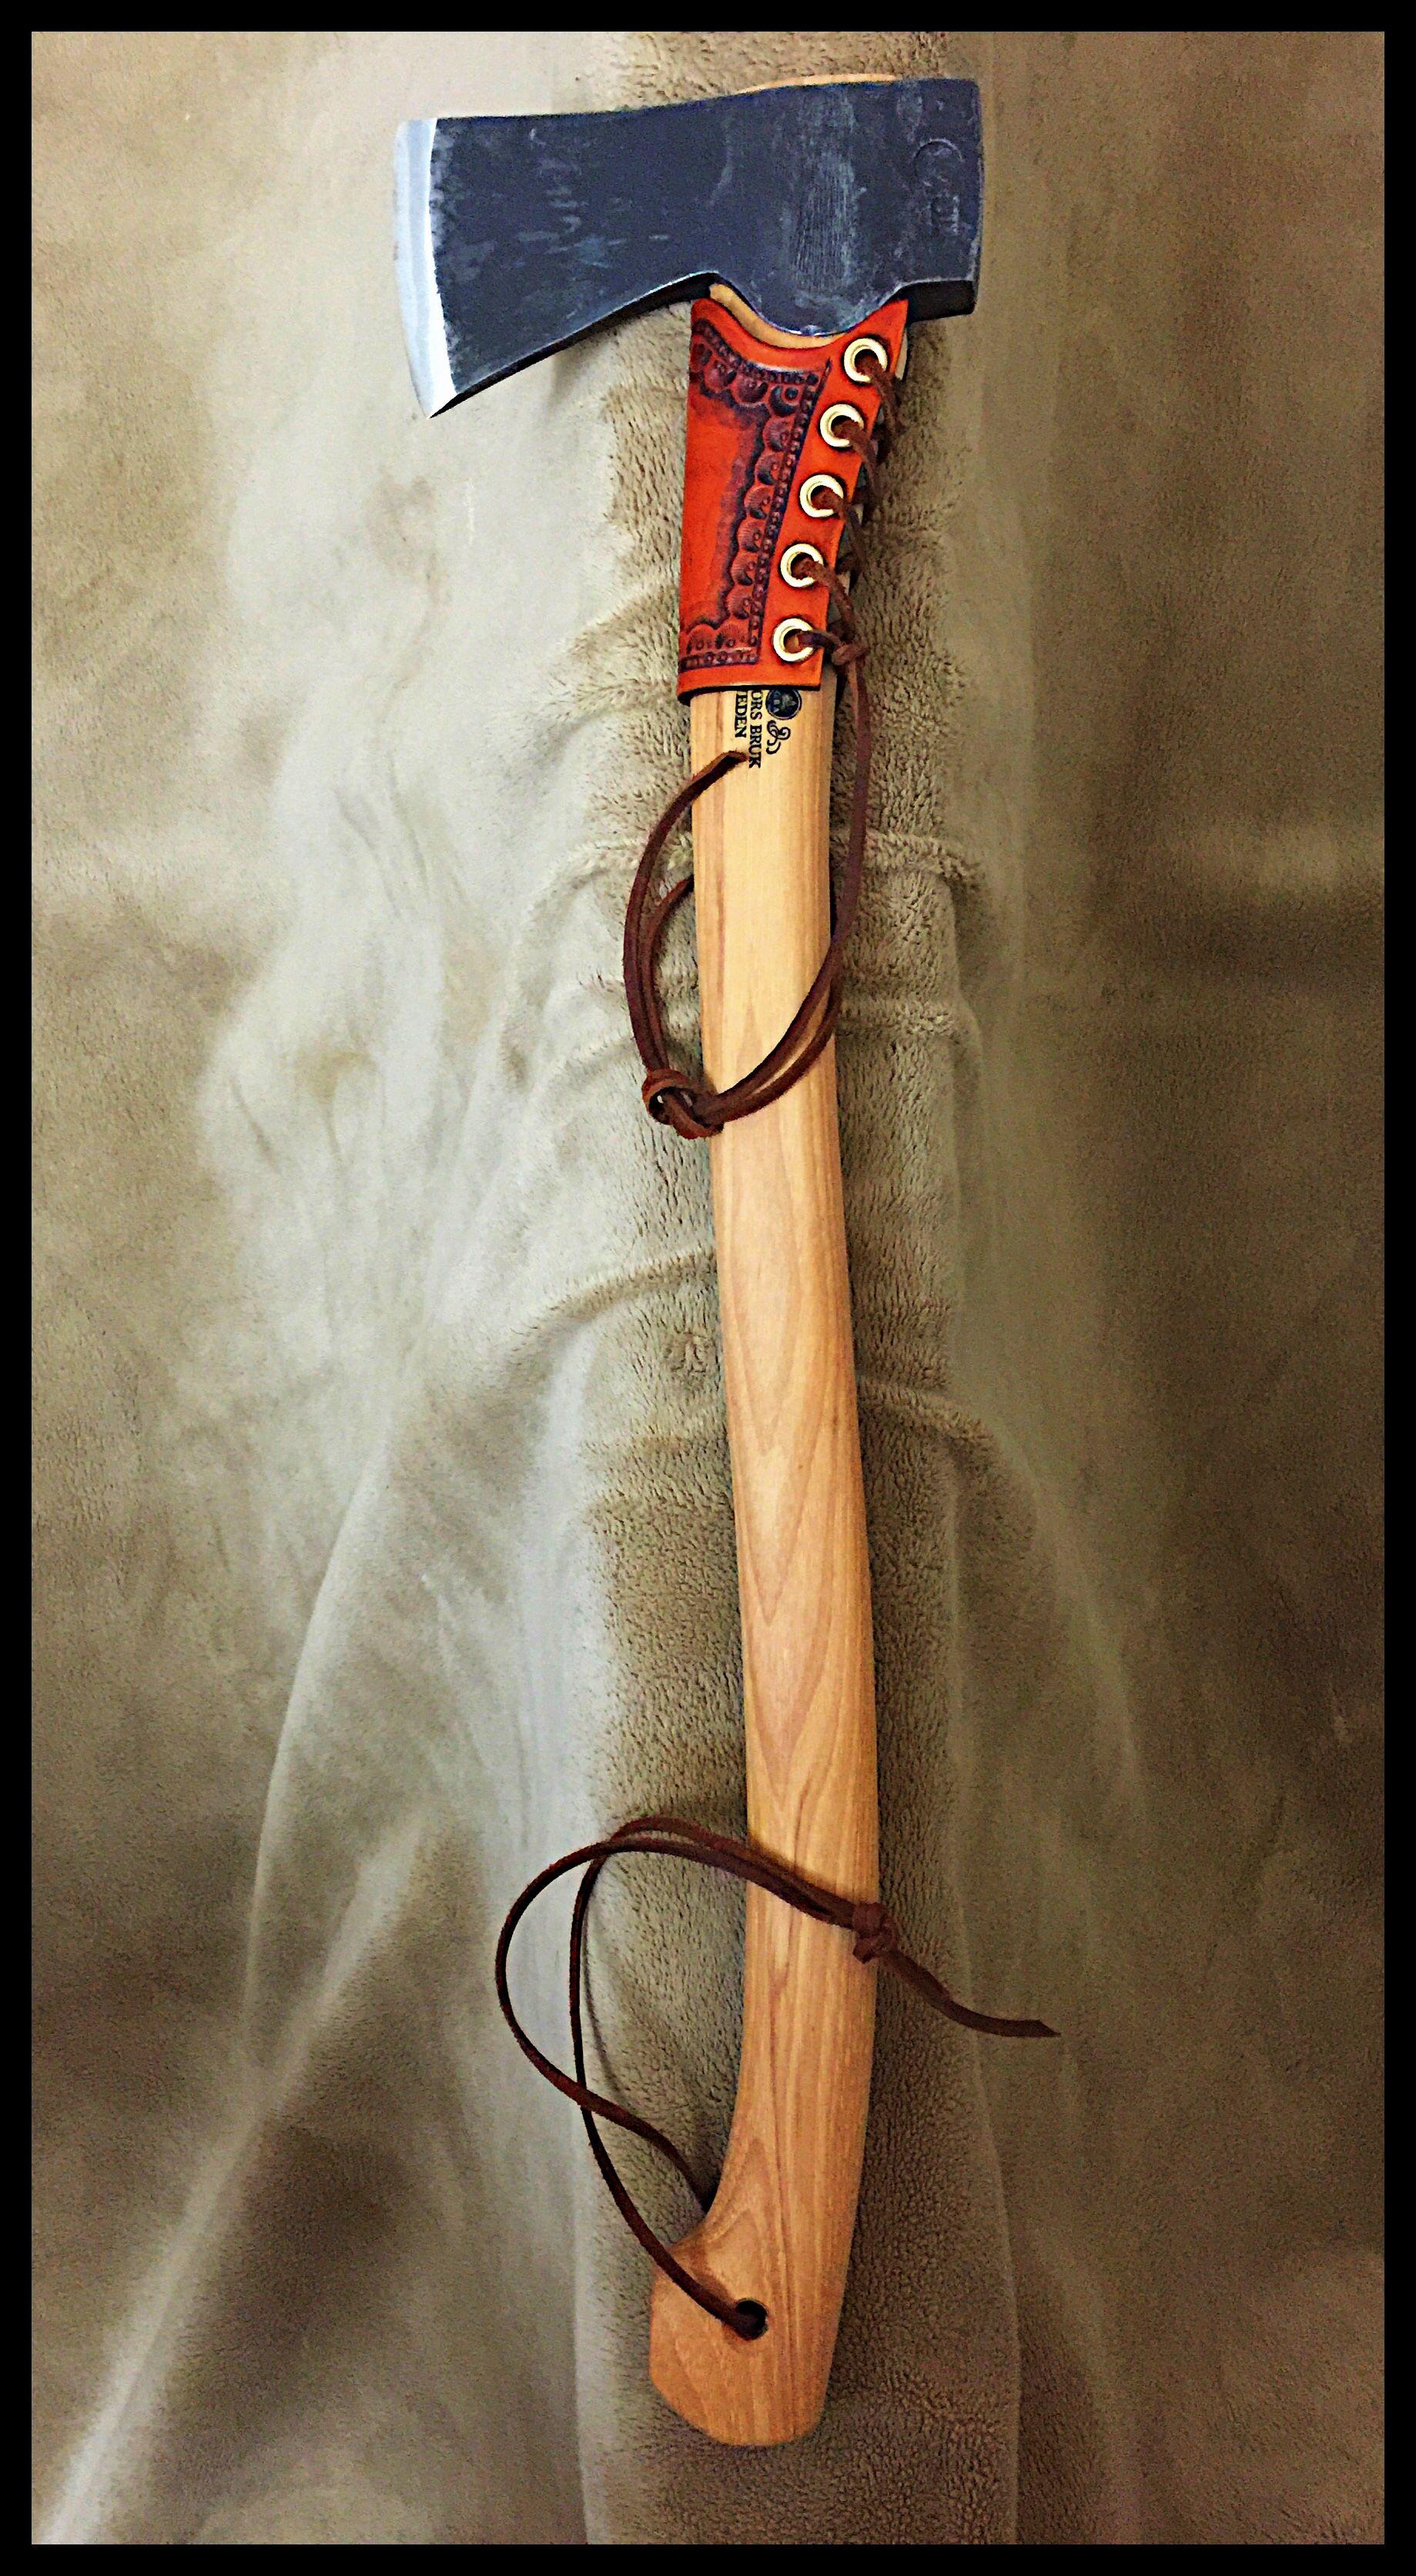 Gransfors Bruks Scandinavian Forest Axe 430 With Custom Leather Collar By John Black Gransfors Bruks Axe Scandinavian